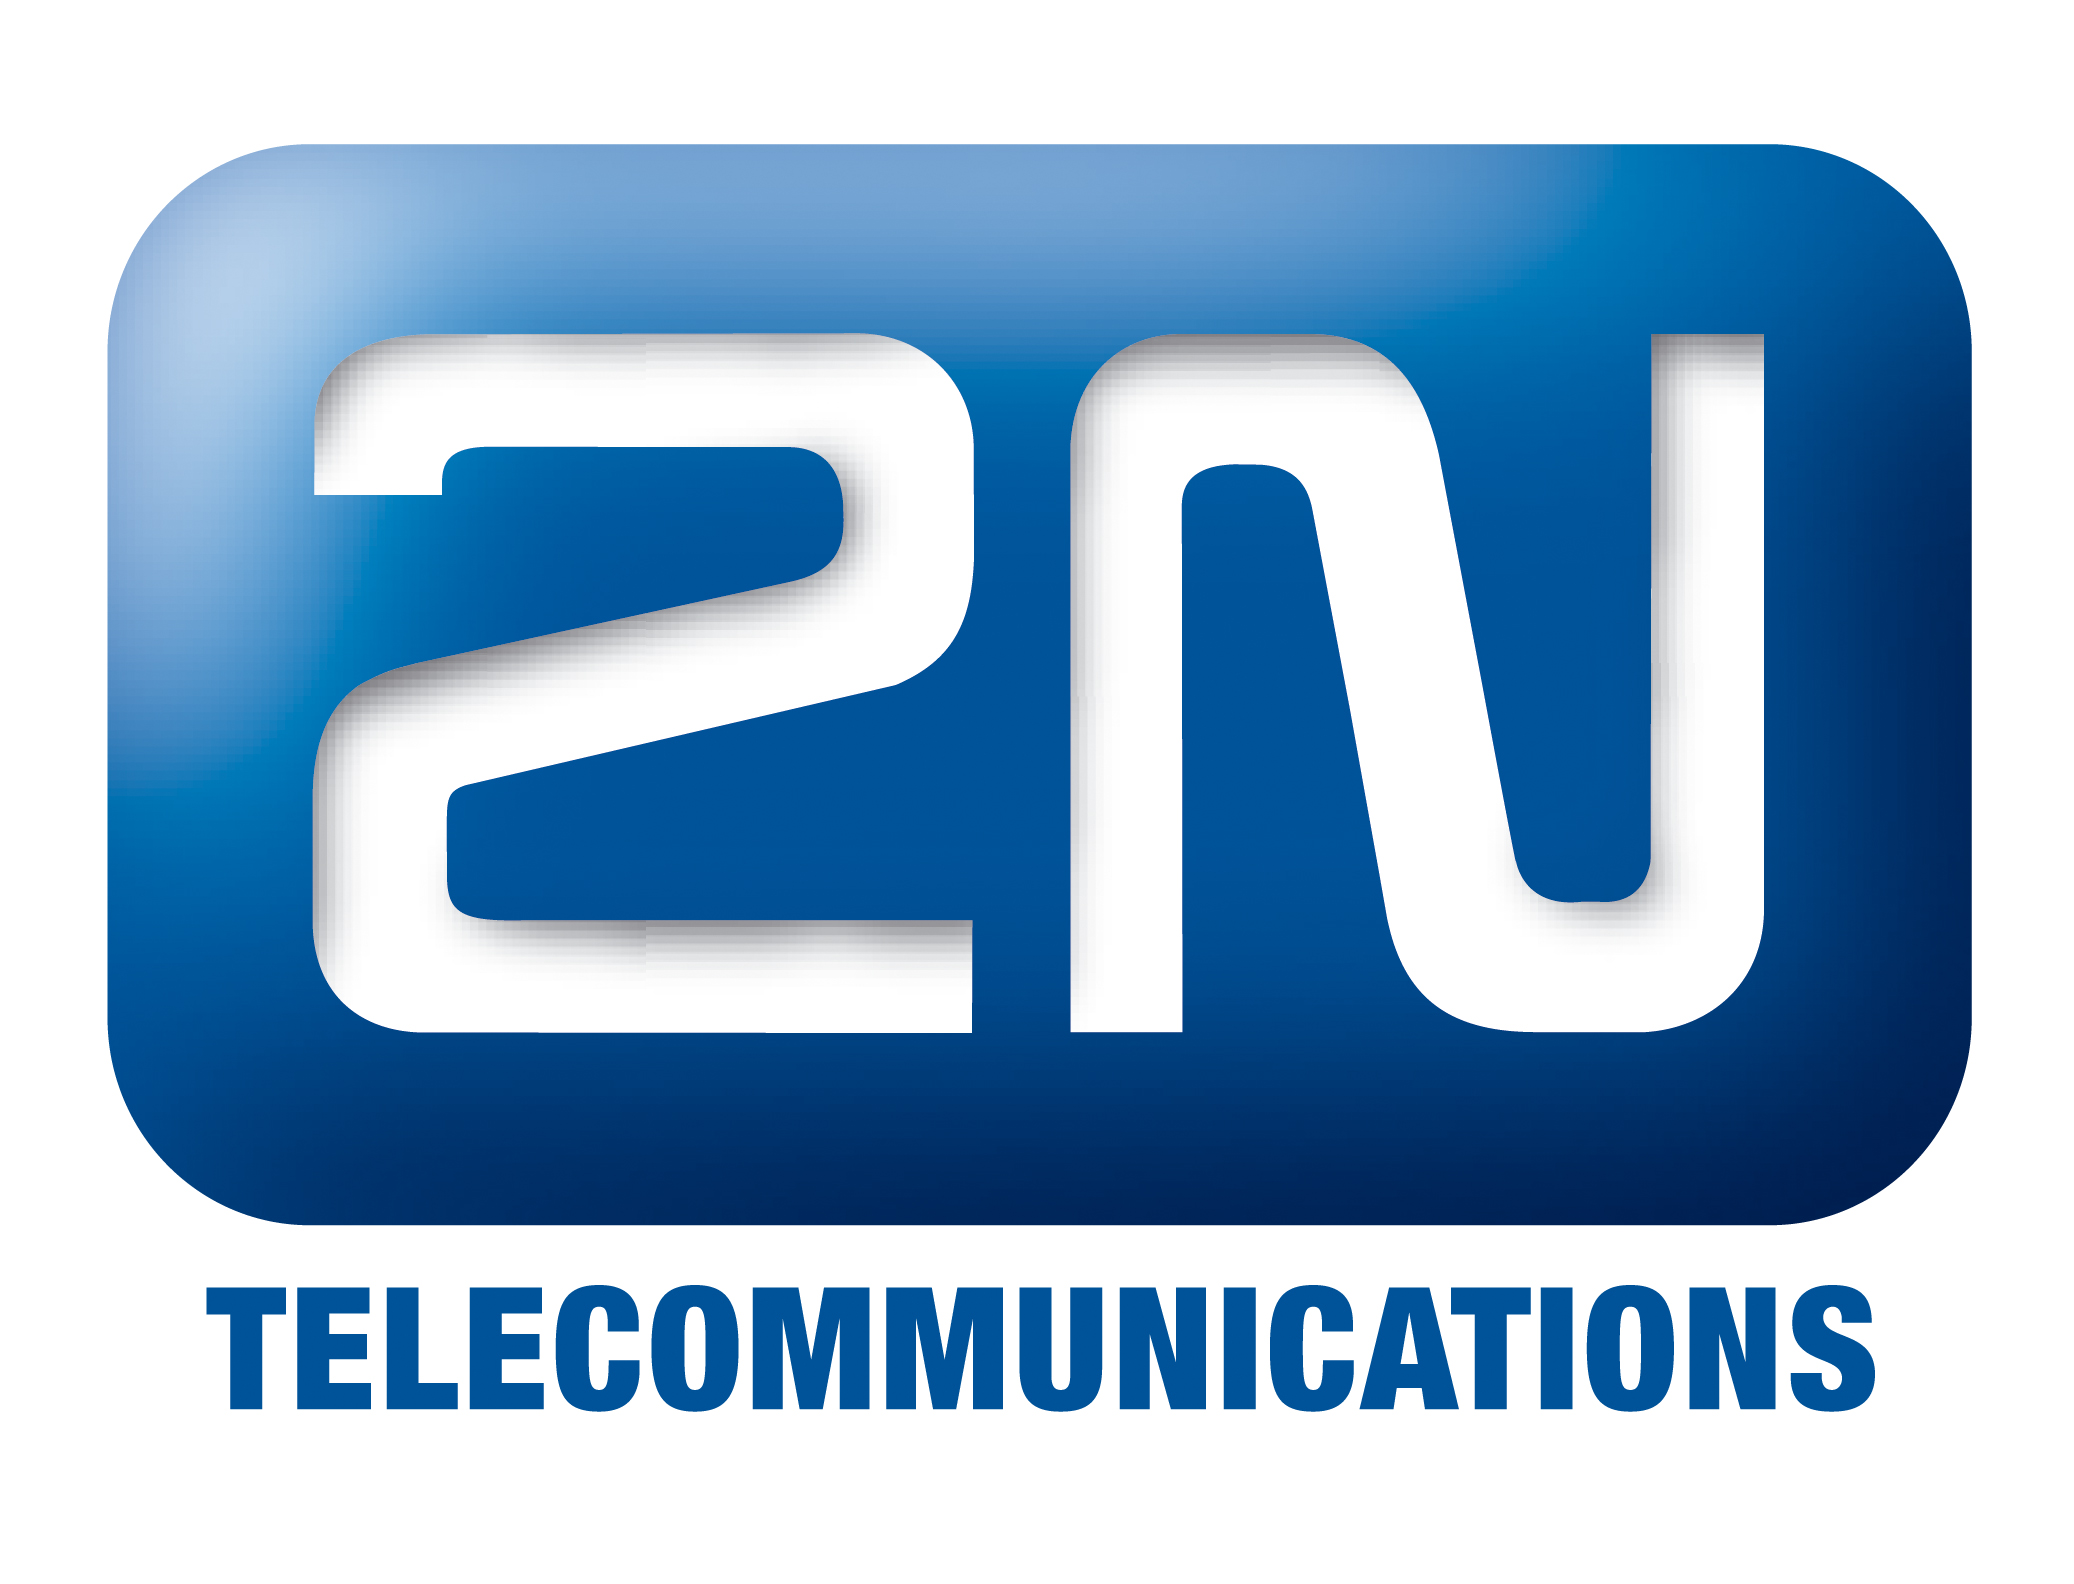 2N-logo